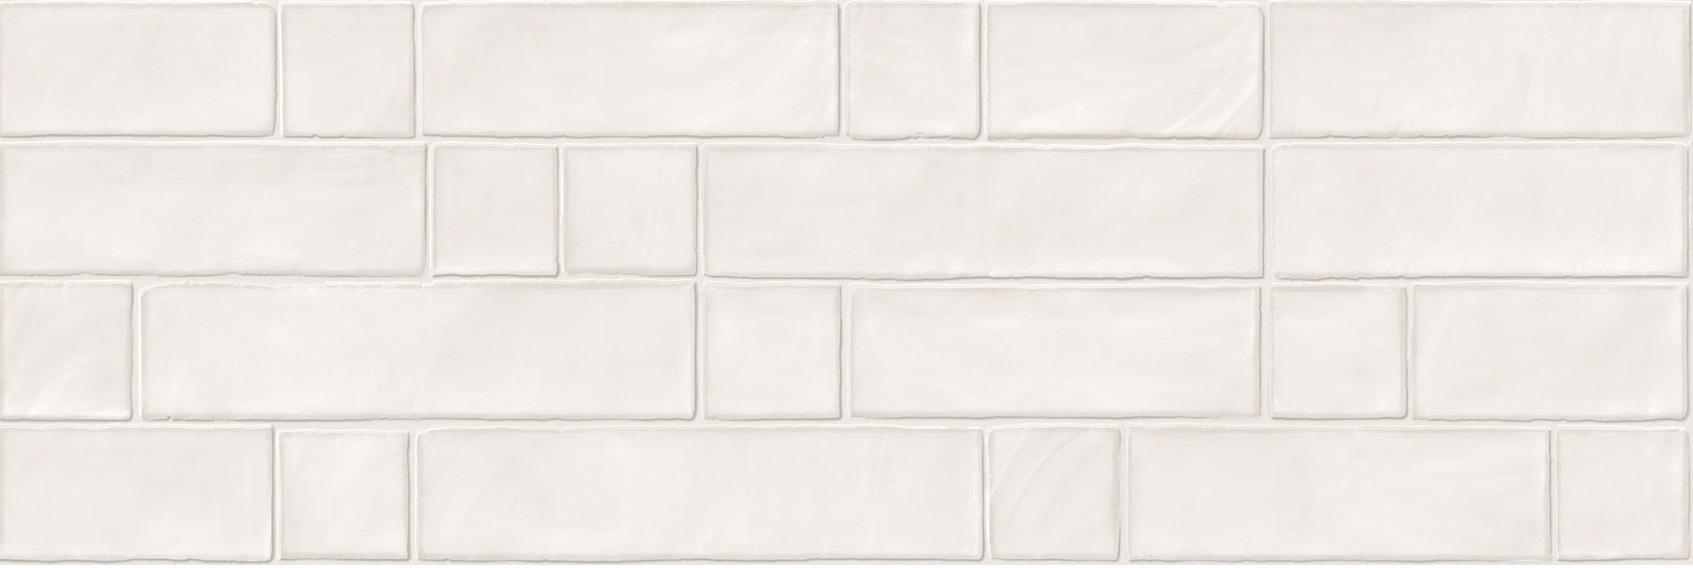 Купить Керамическая плитка Azteca Atelier Muretto Bianco настенная 30x90, Испания